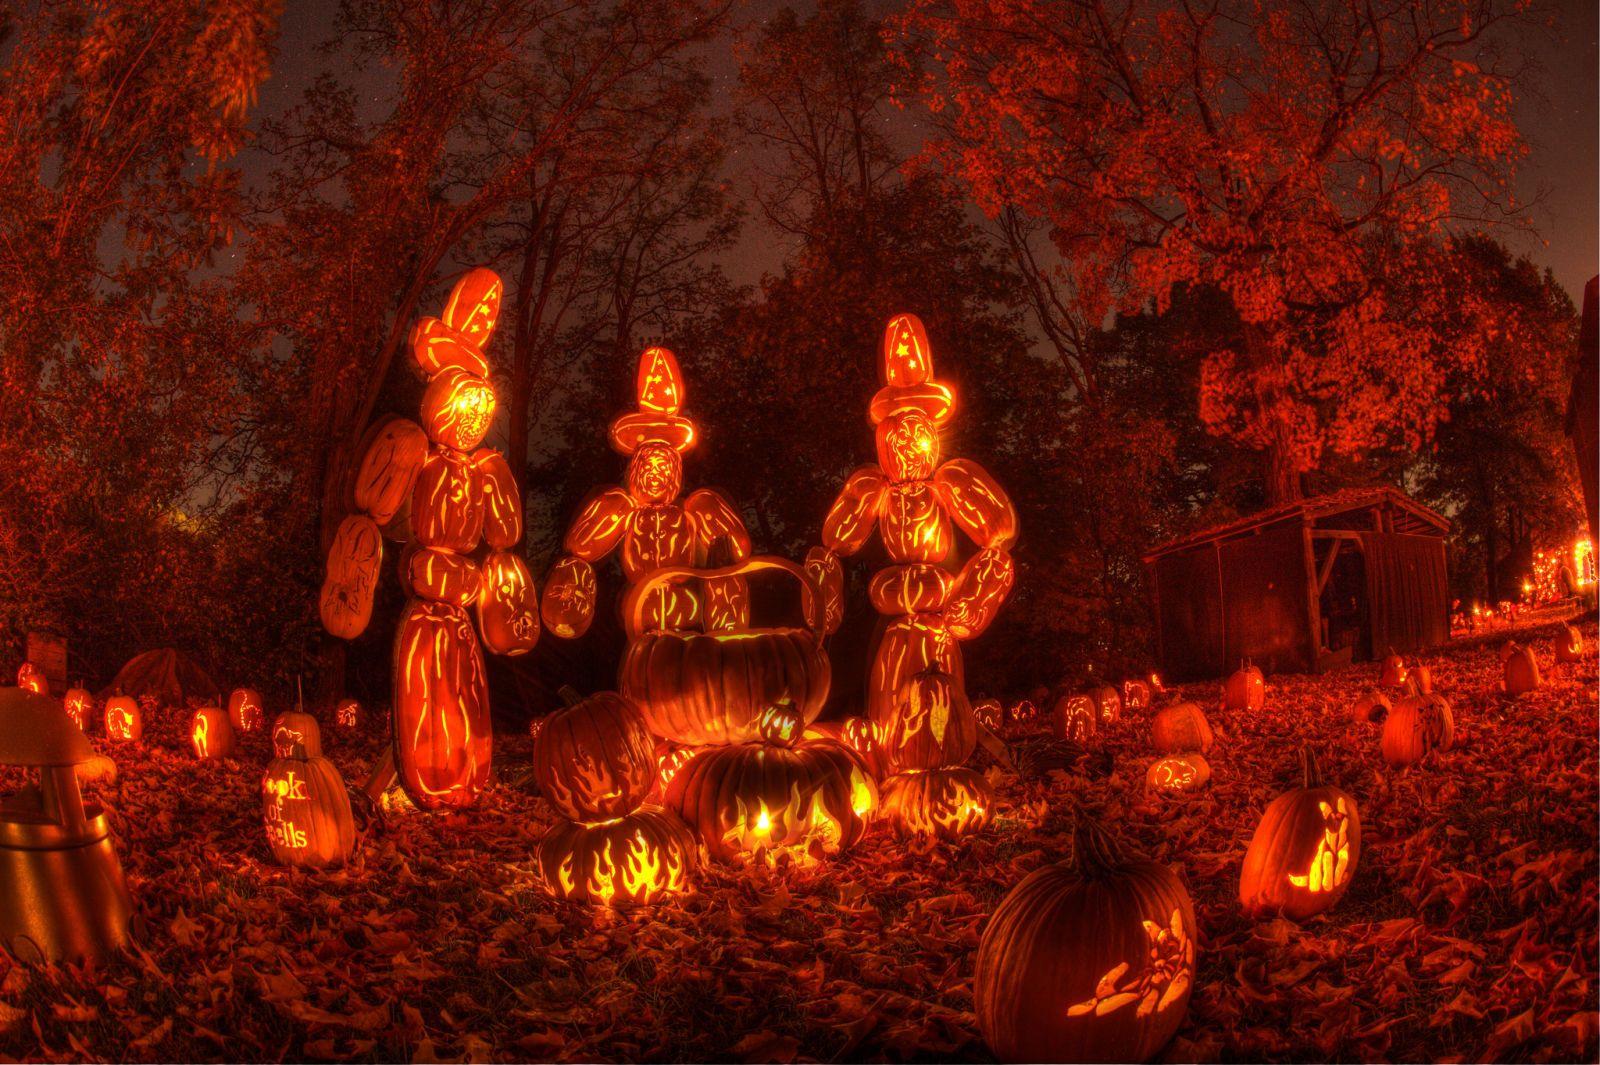 New York's Great JackO'Lantern Blaze Celebrates